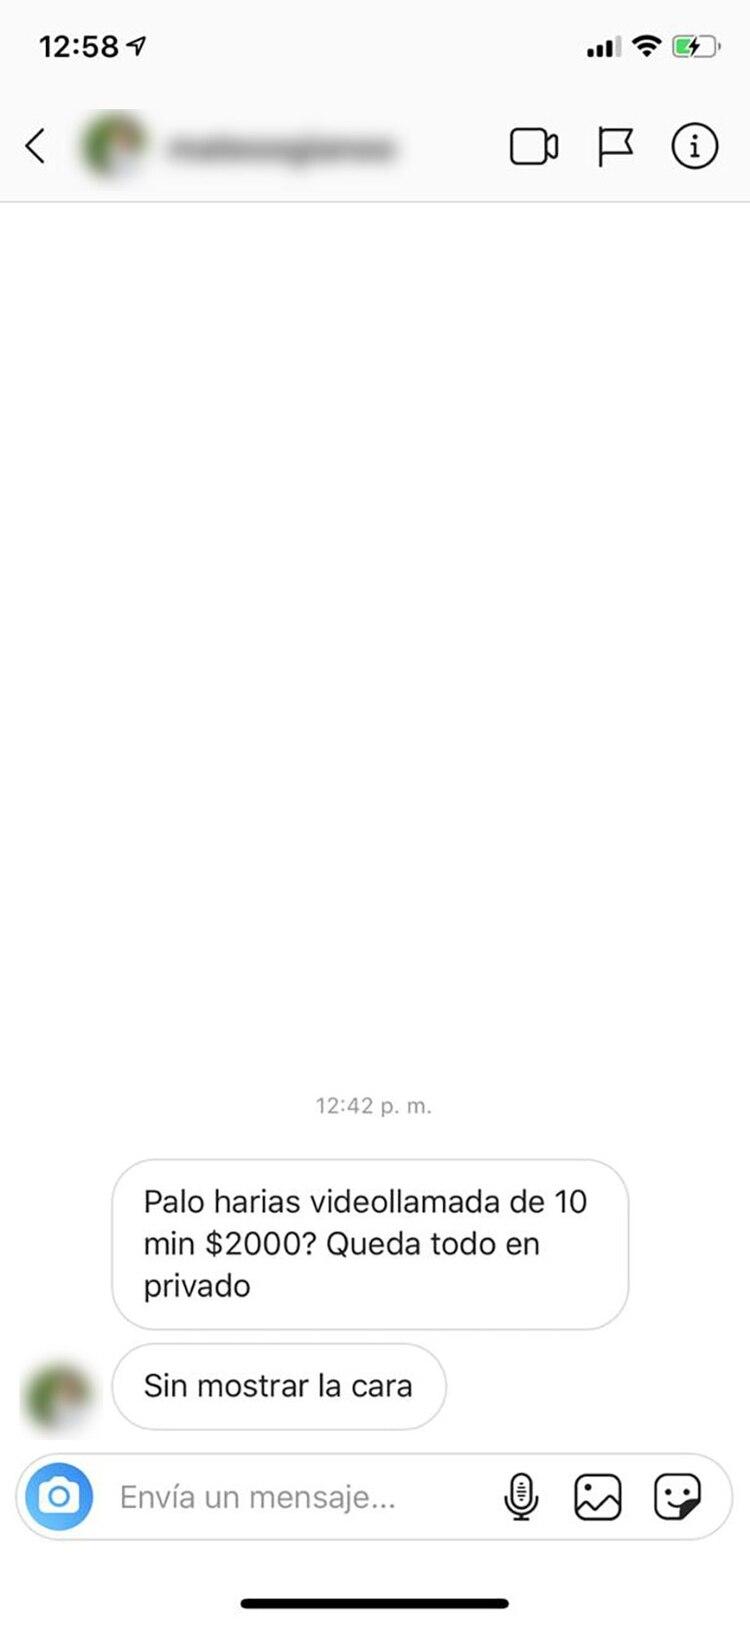 Otro de los mensajes que recibe diariamente la joven de 16 años